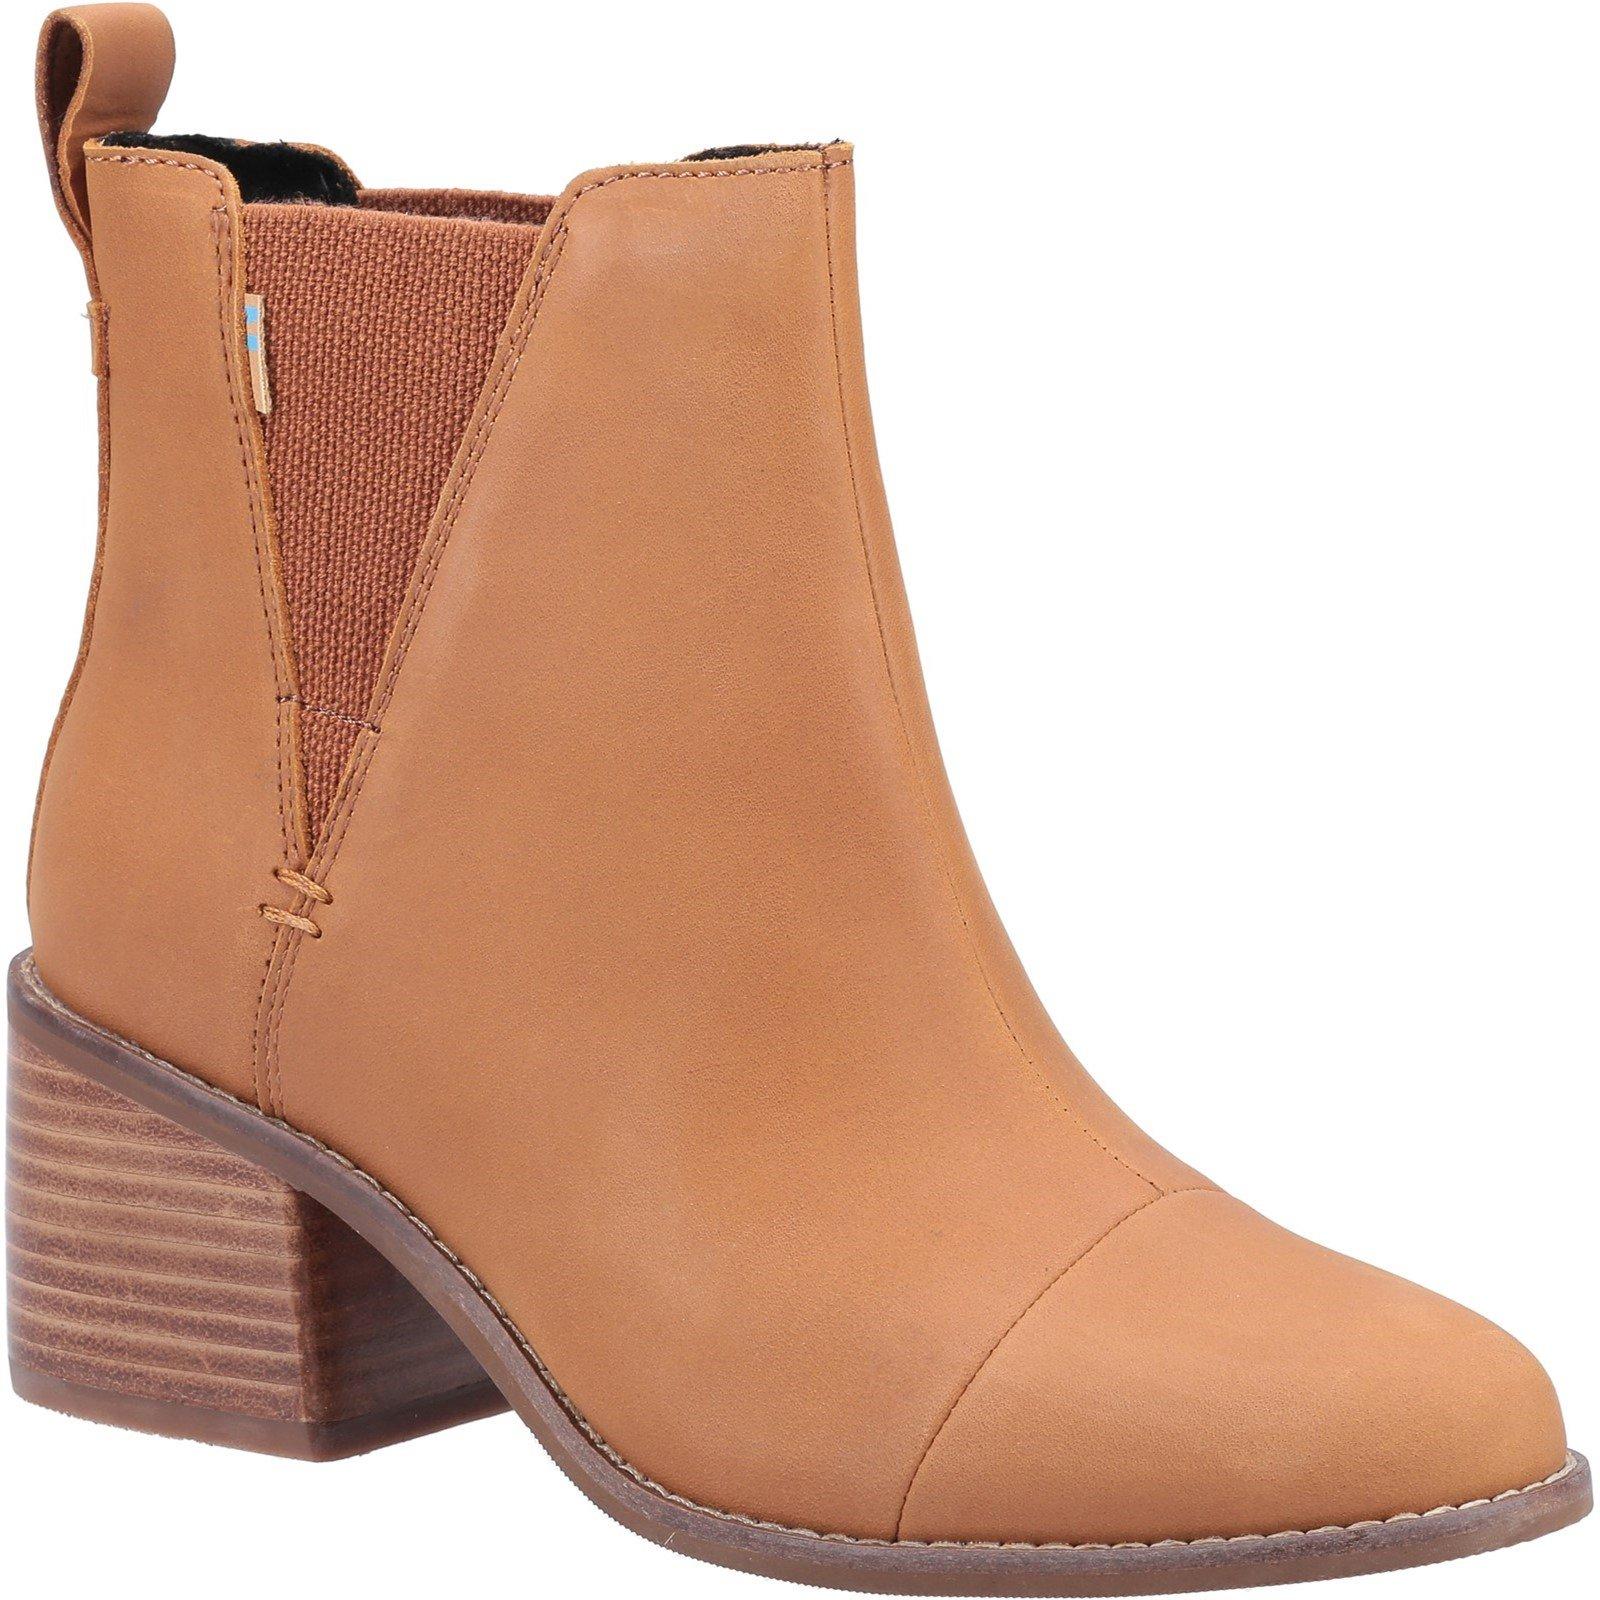 TOMS Women's Esme Boot Tan 32645 - Tan 6